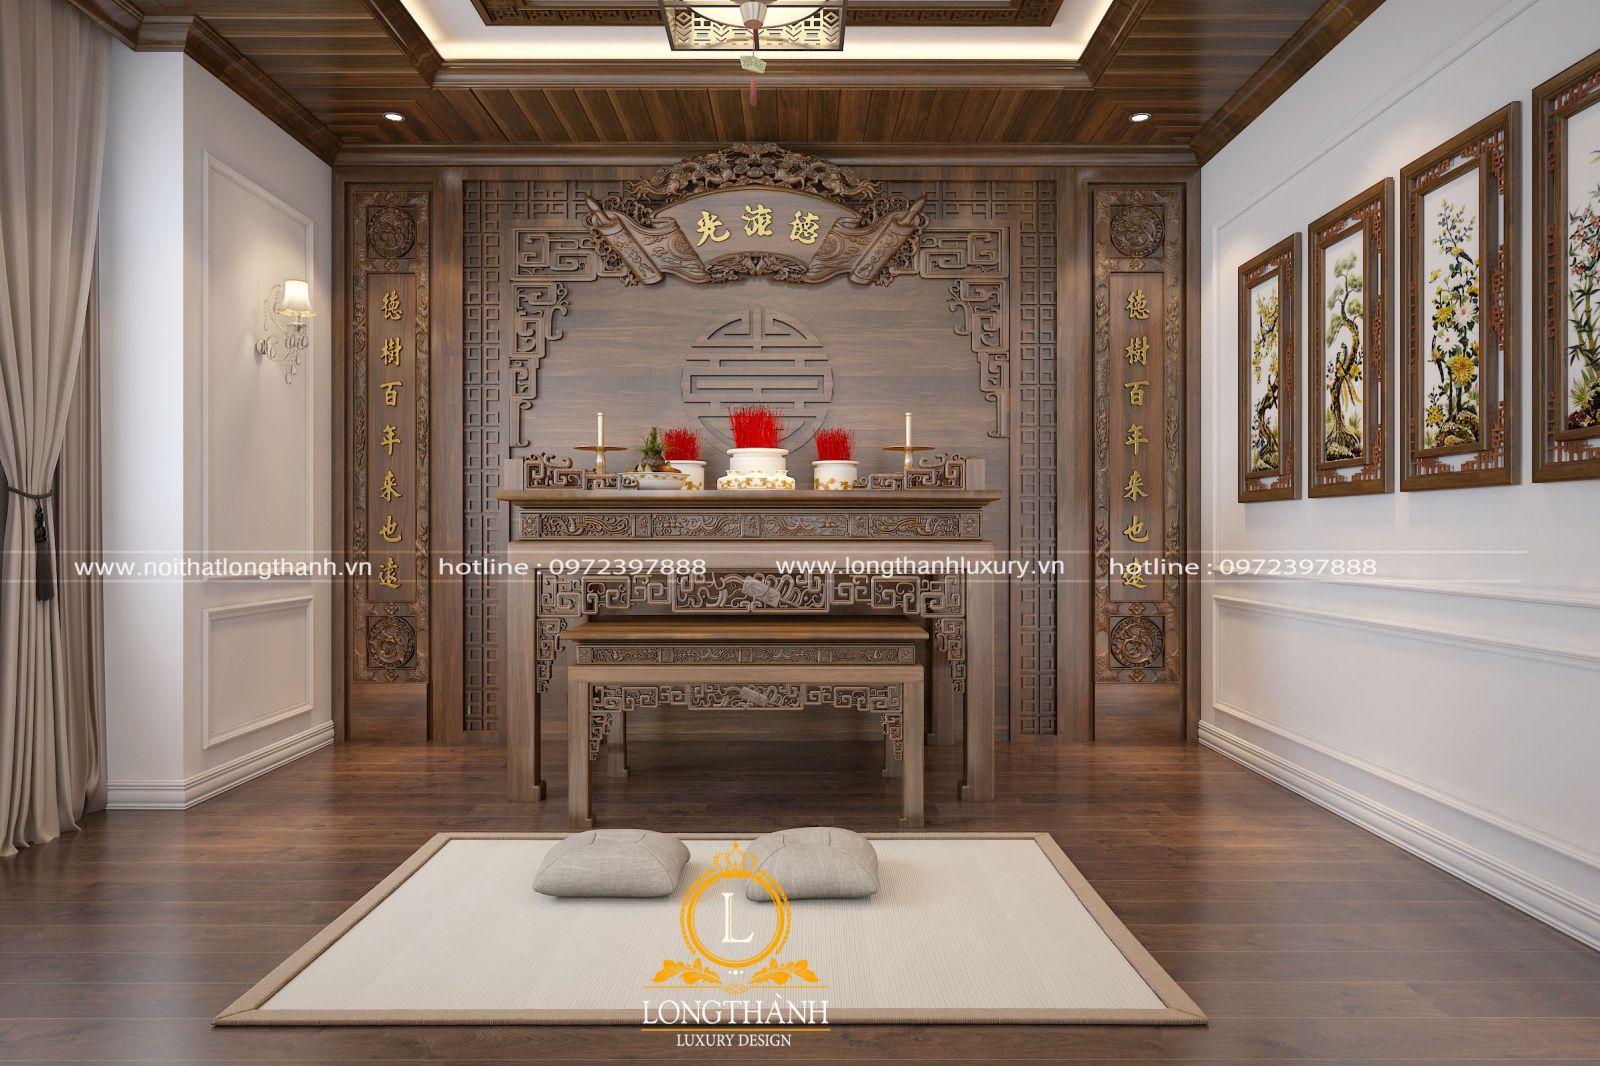 Thiết kế không gian phòng thờ tân cổ điển đẹp từ gỗ Óc chó